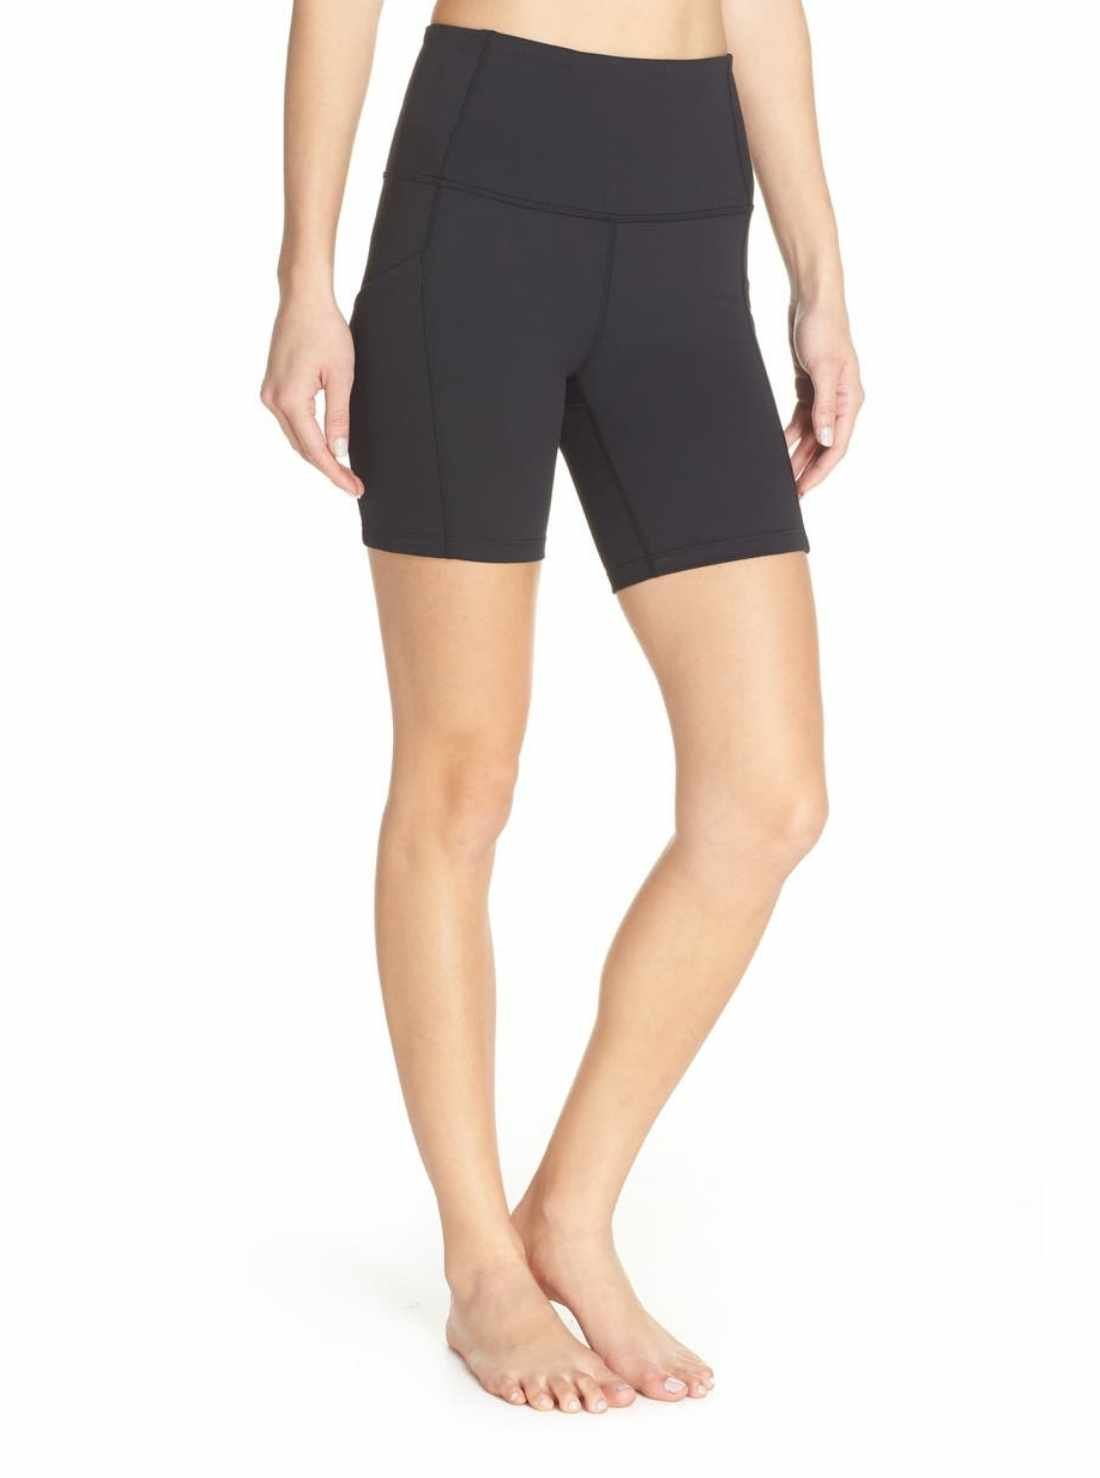 High waist pocket bike shorts